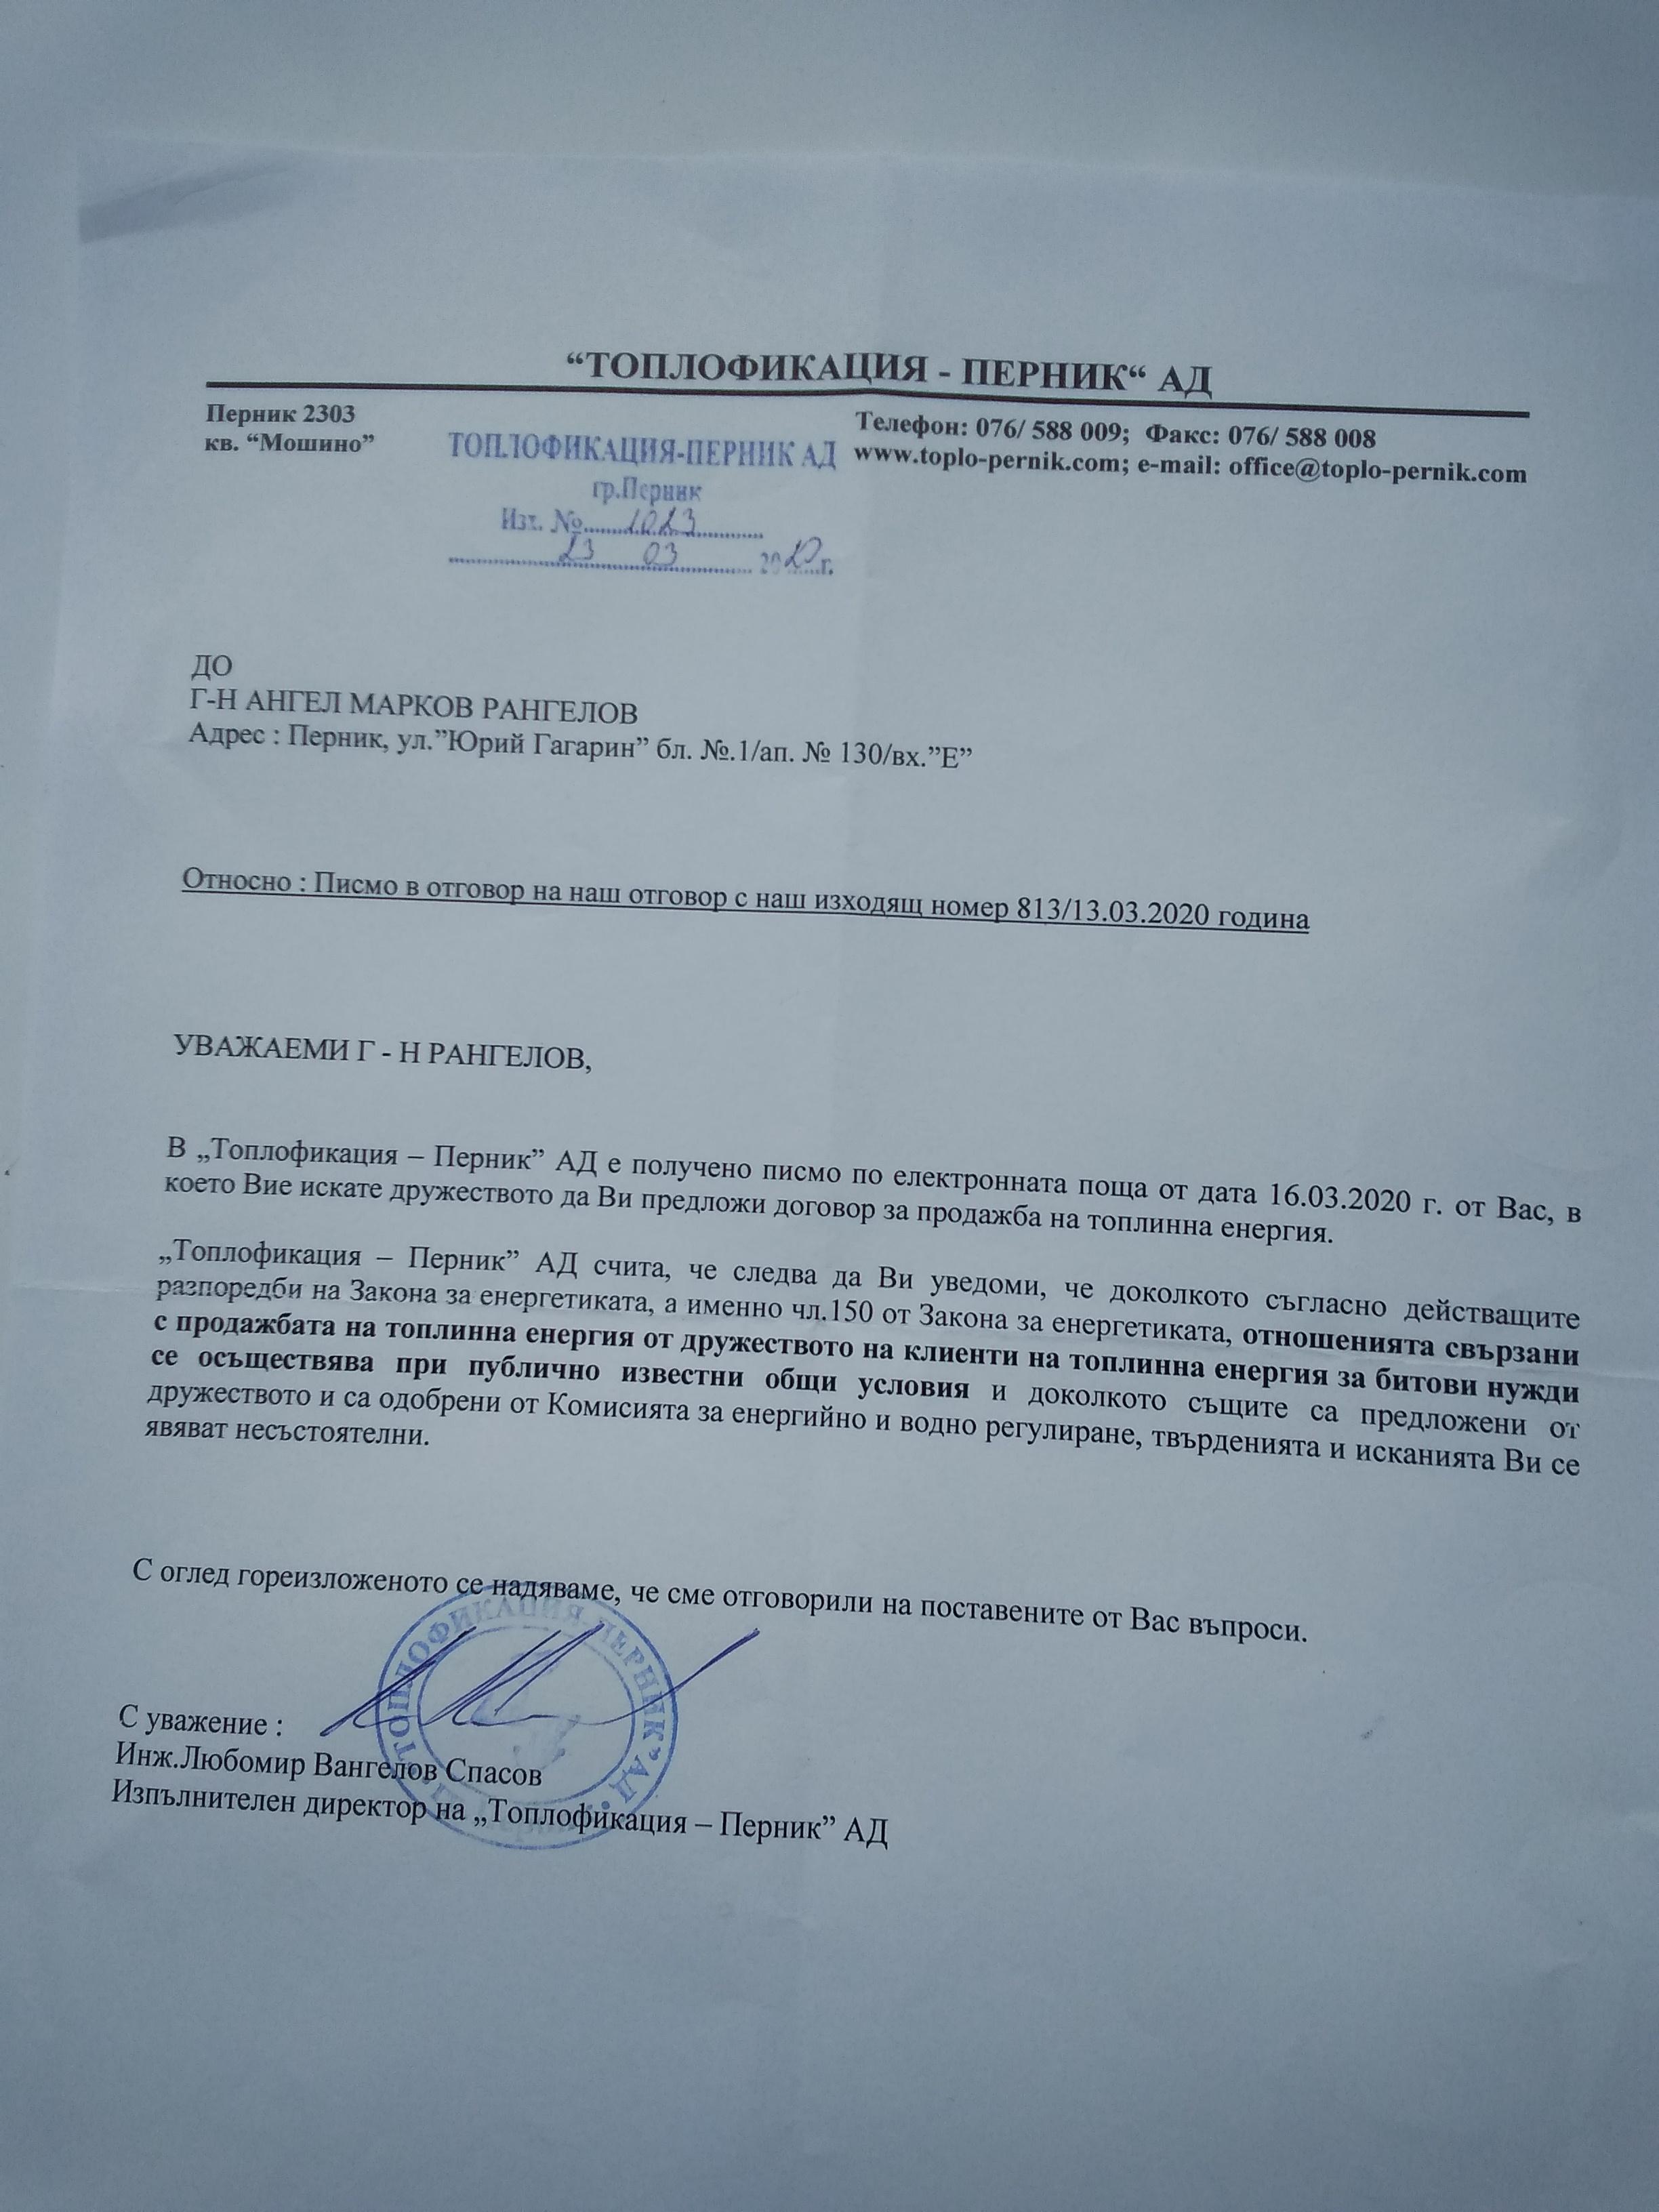 Pismo ot Toplofikaciq -23.03.2020.jpg